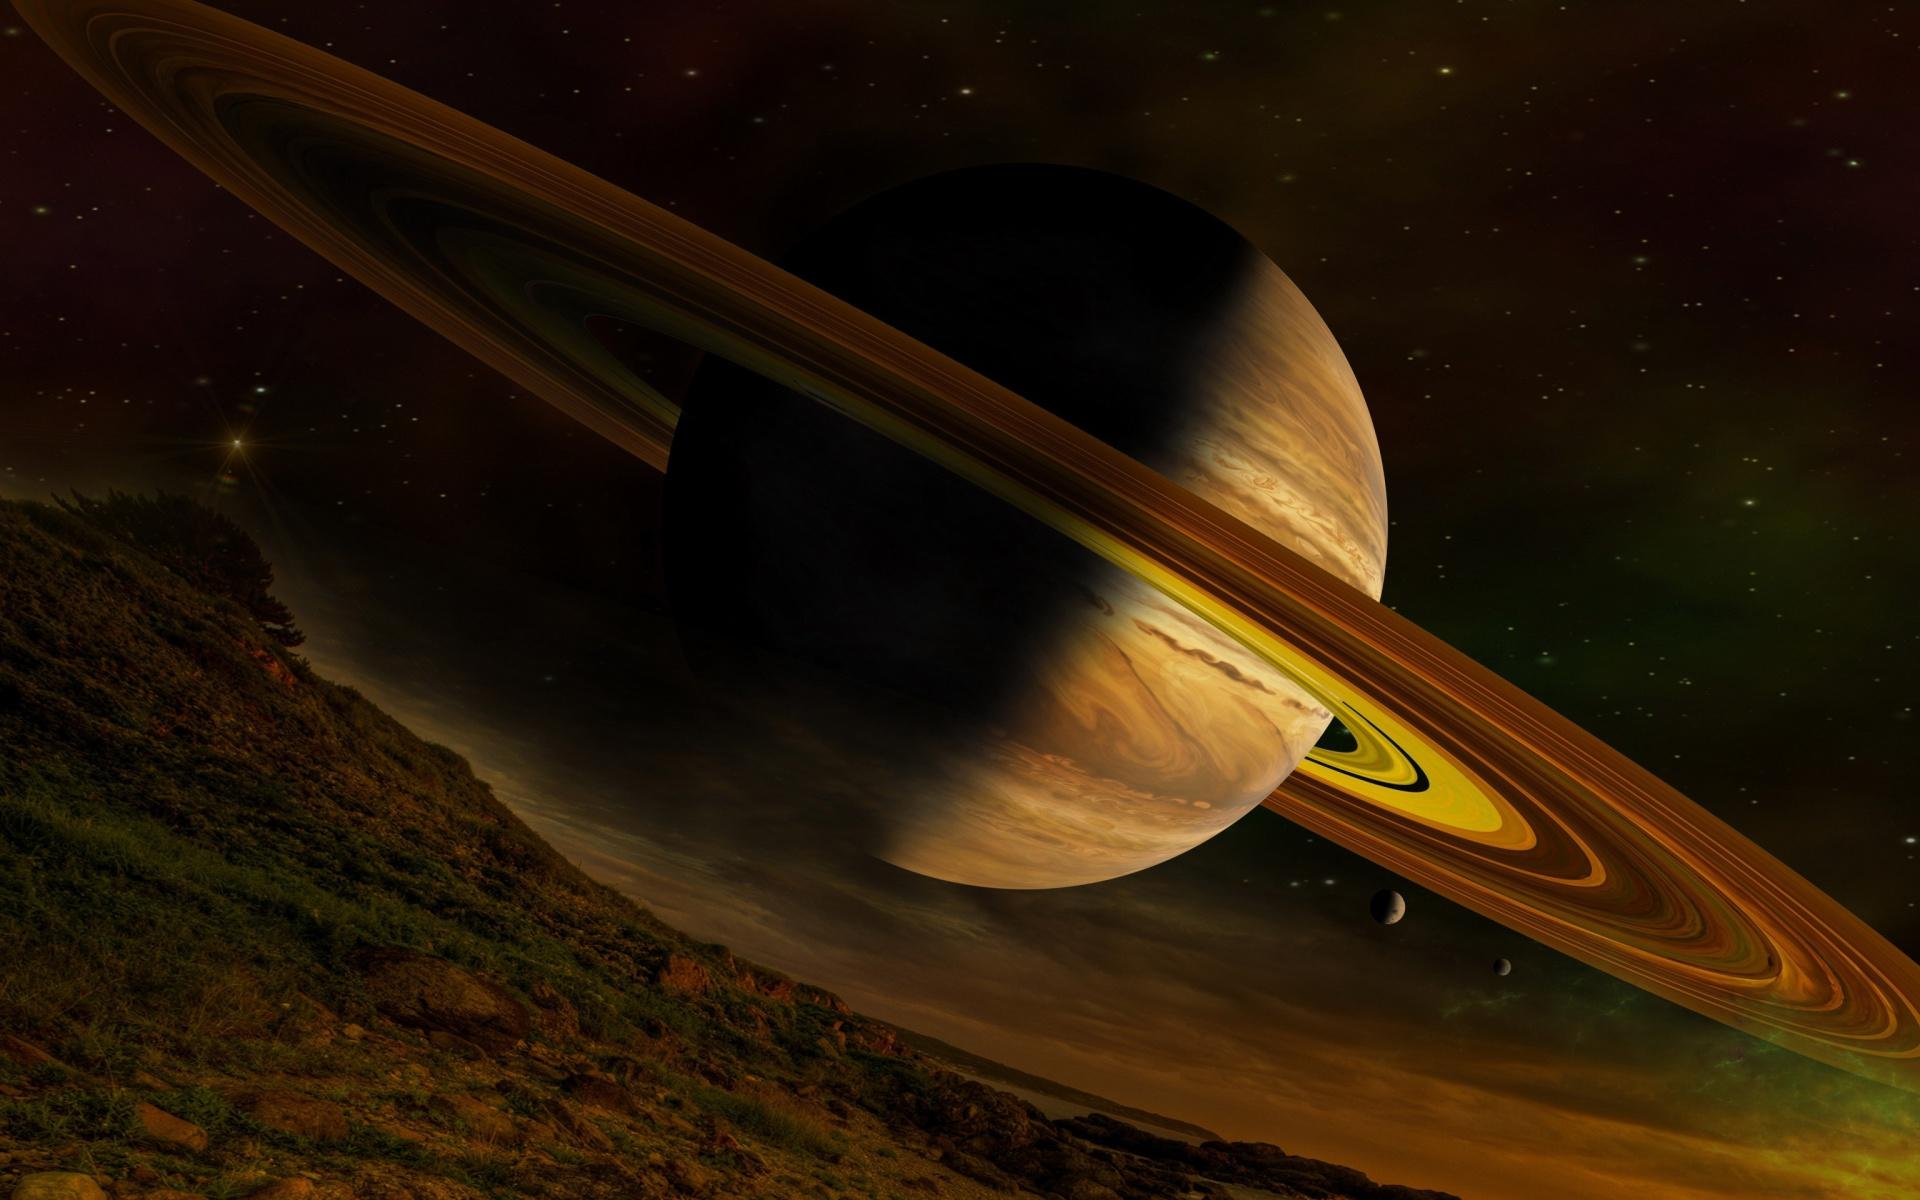 Planet Saturn Fondos De Pantalla Gratis Para Widescreen